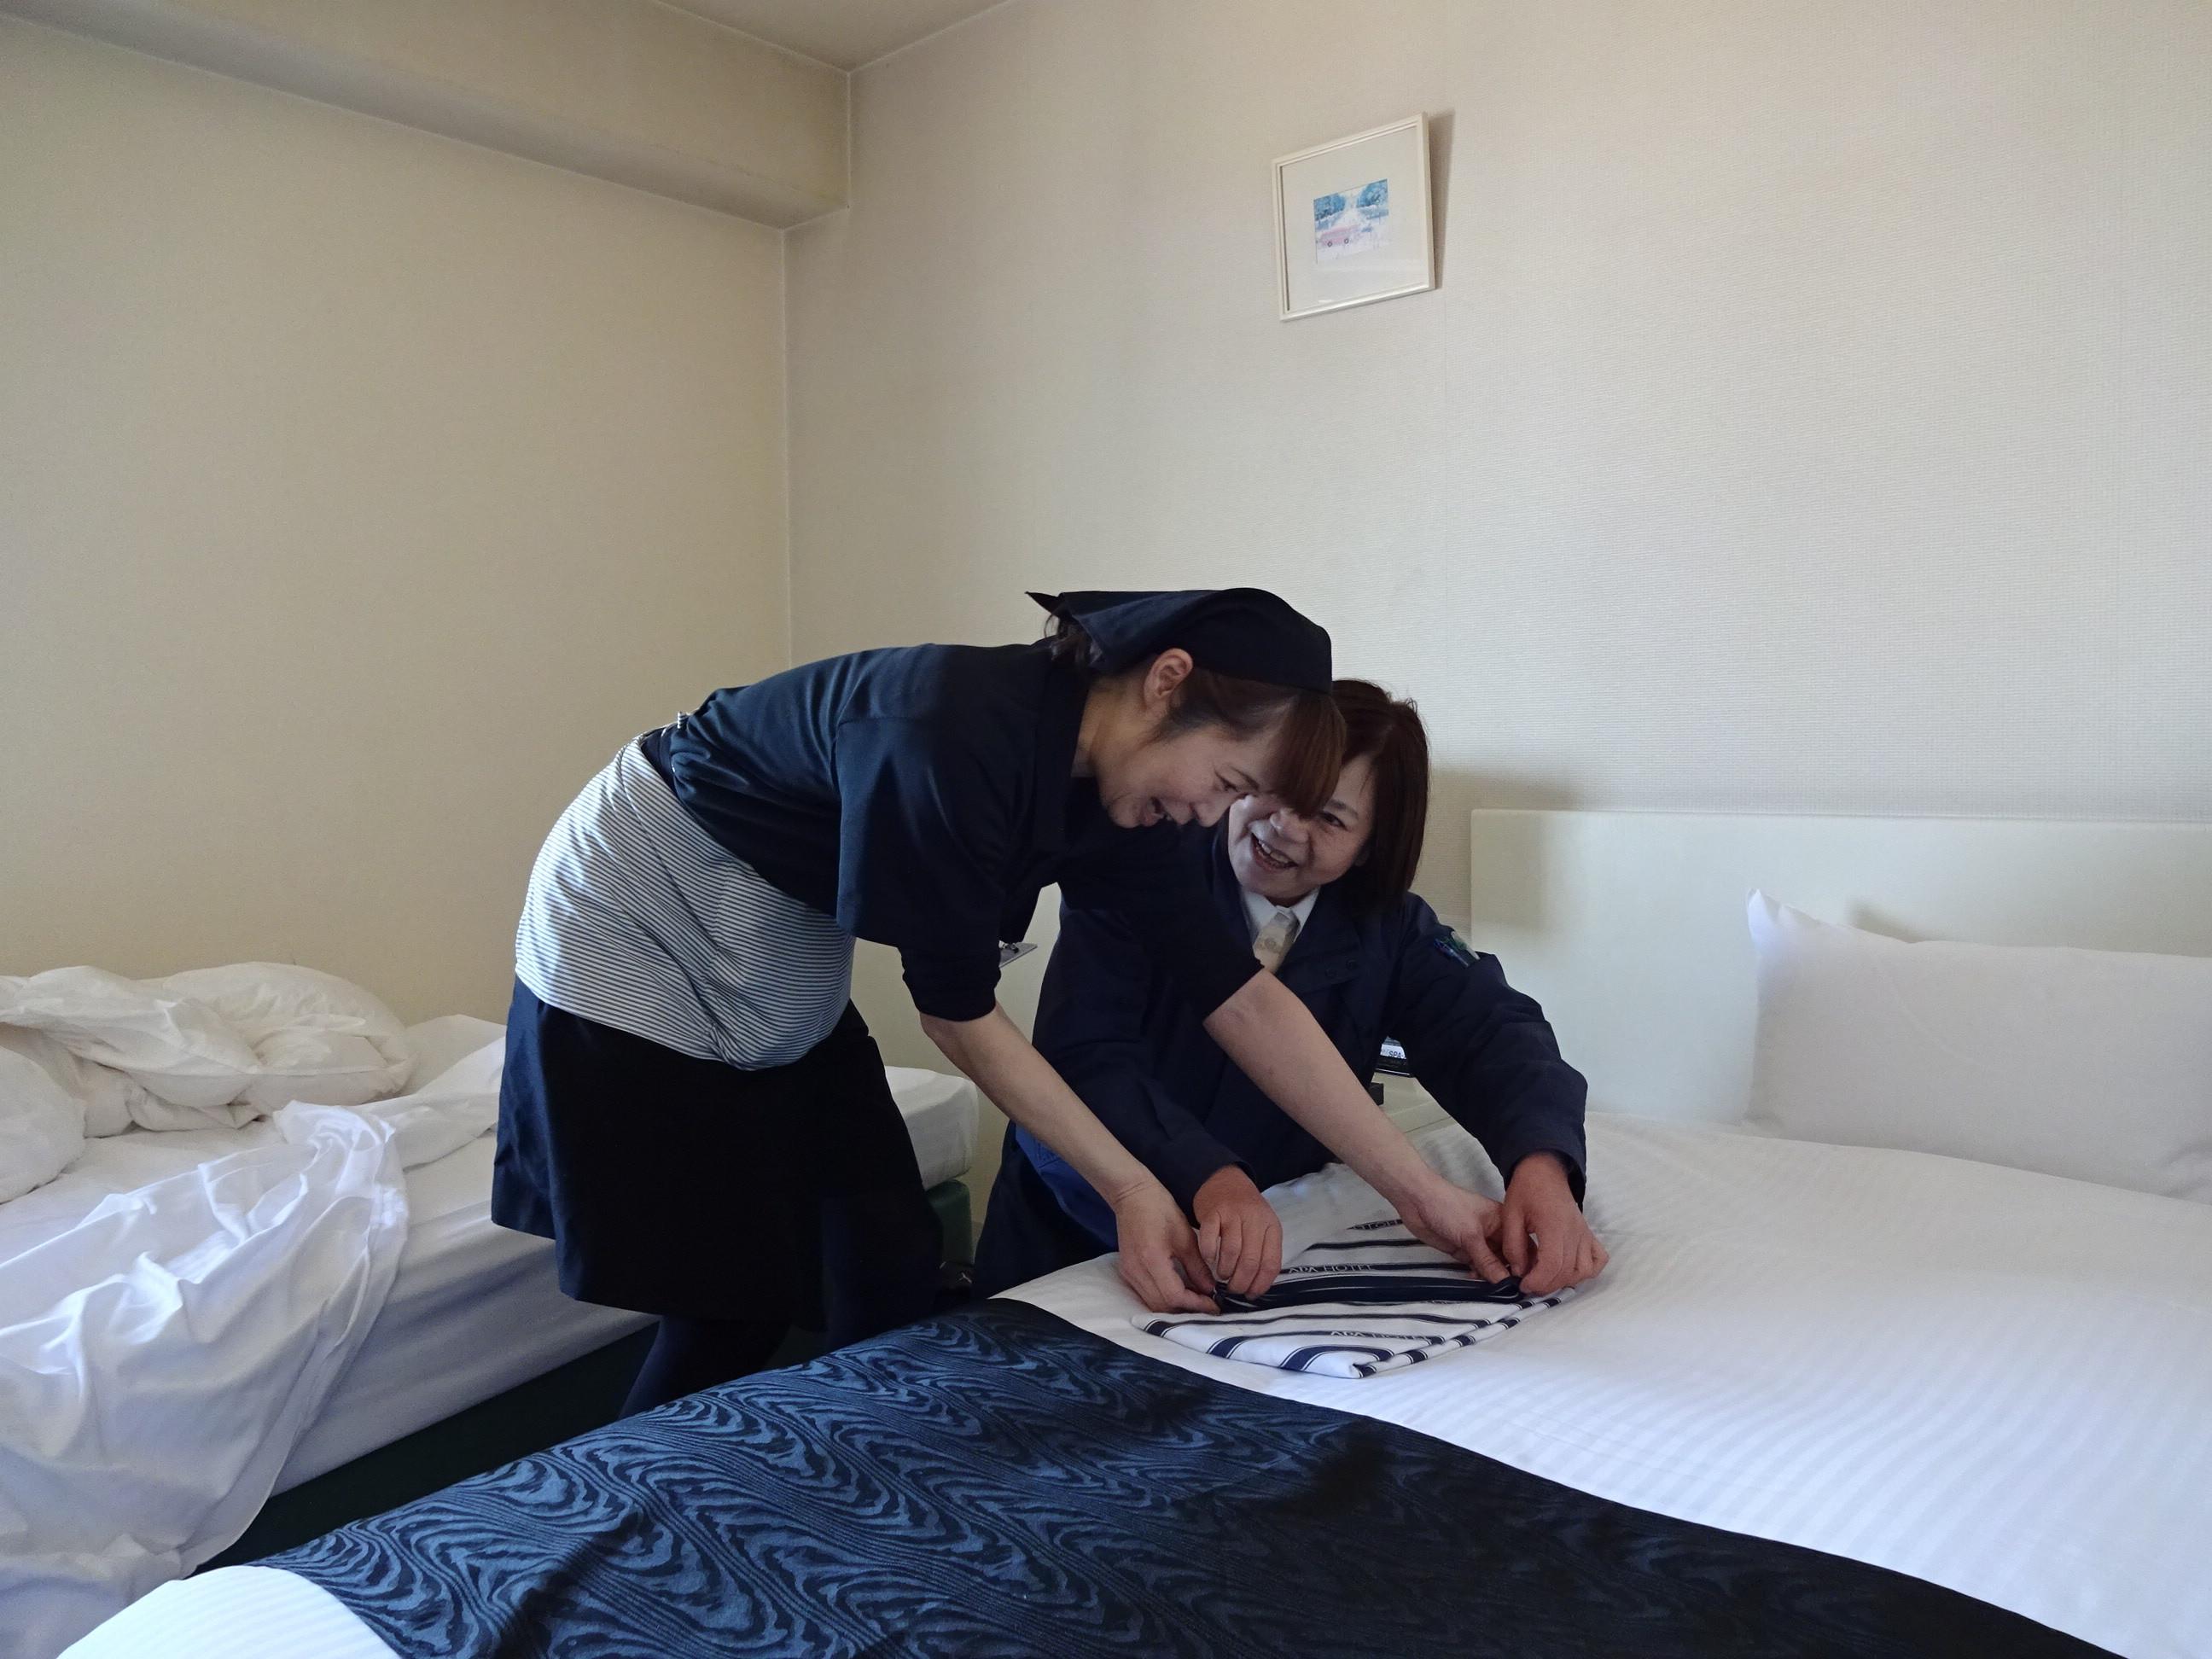 アパホテル富山(客室清掃) アルコット株式会社 のアルバイト情報